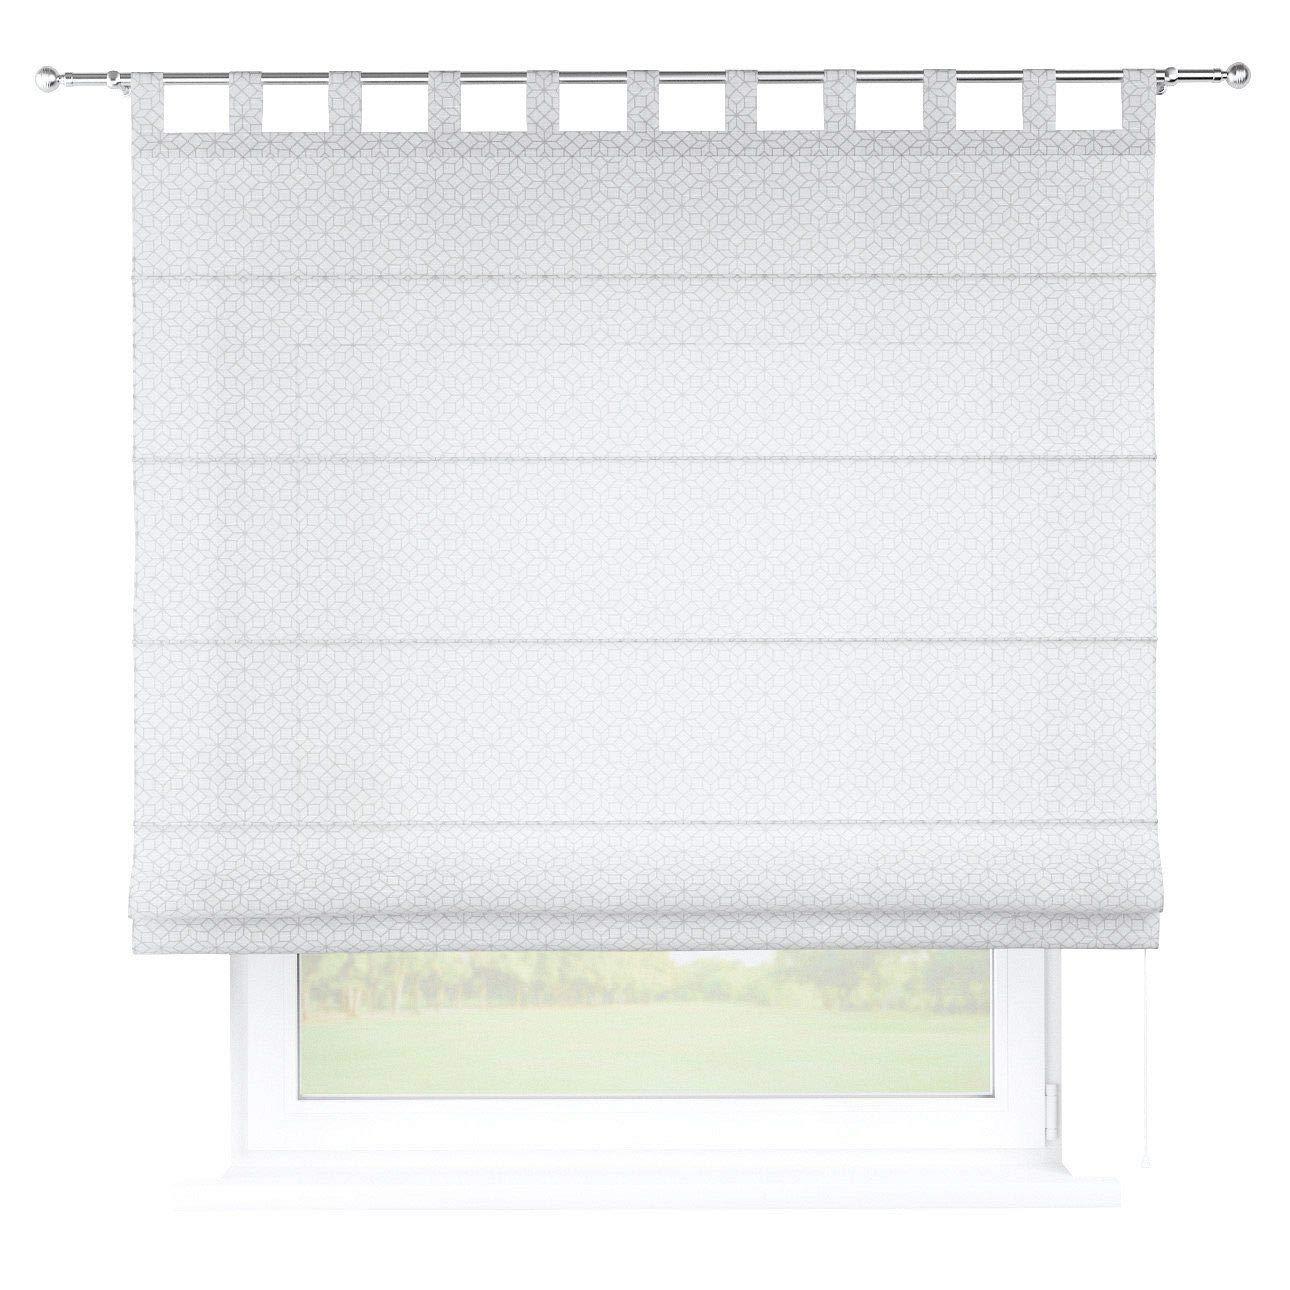 Dekoria Raffrollo Verona ohne Bohren Blickdicht Faltvorhang Raffgardine Wohnzimmer Schlafzimmer Kinderzimmer 100 × 170 cm weiß, grau Raffrollos auf Maß maßanfertigung möglich